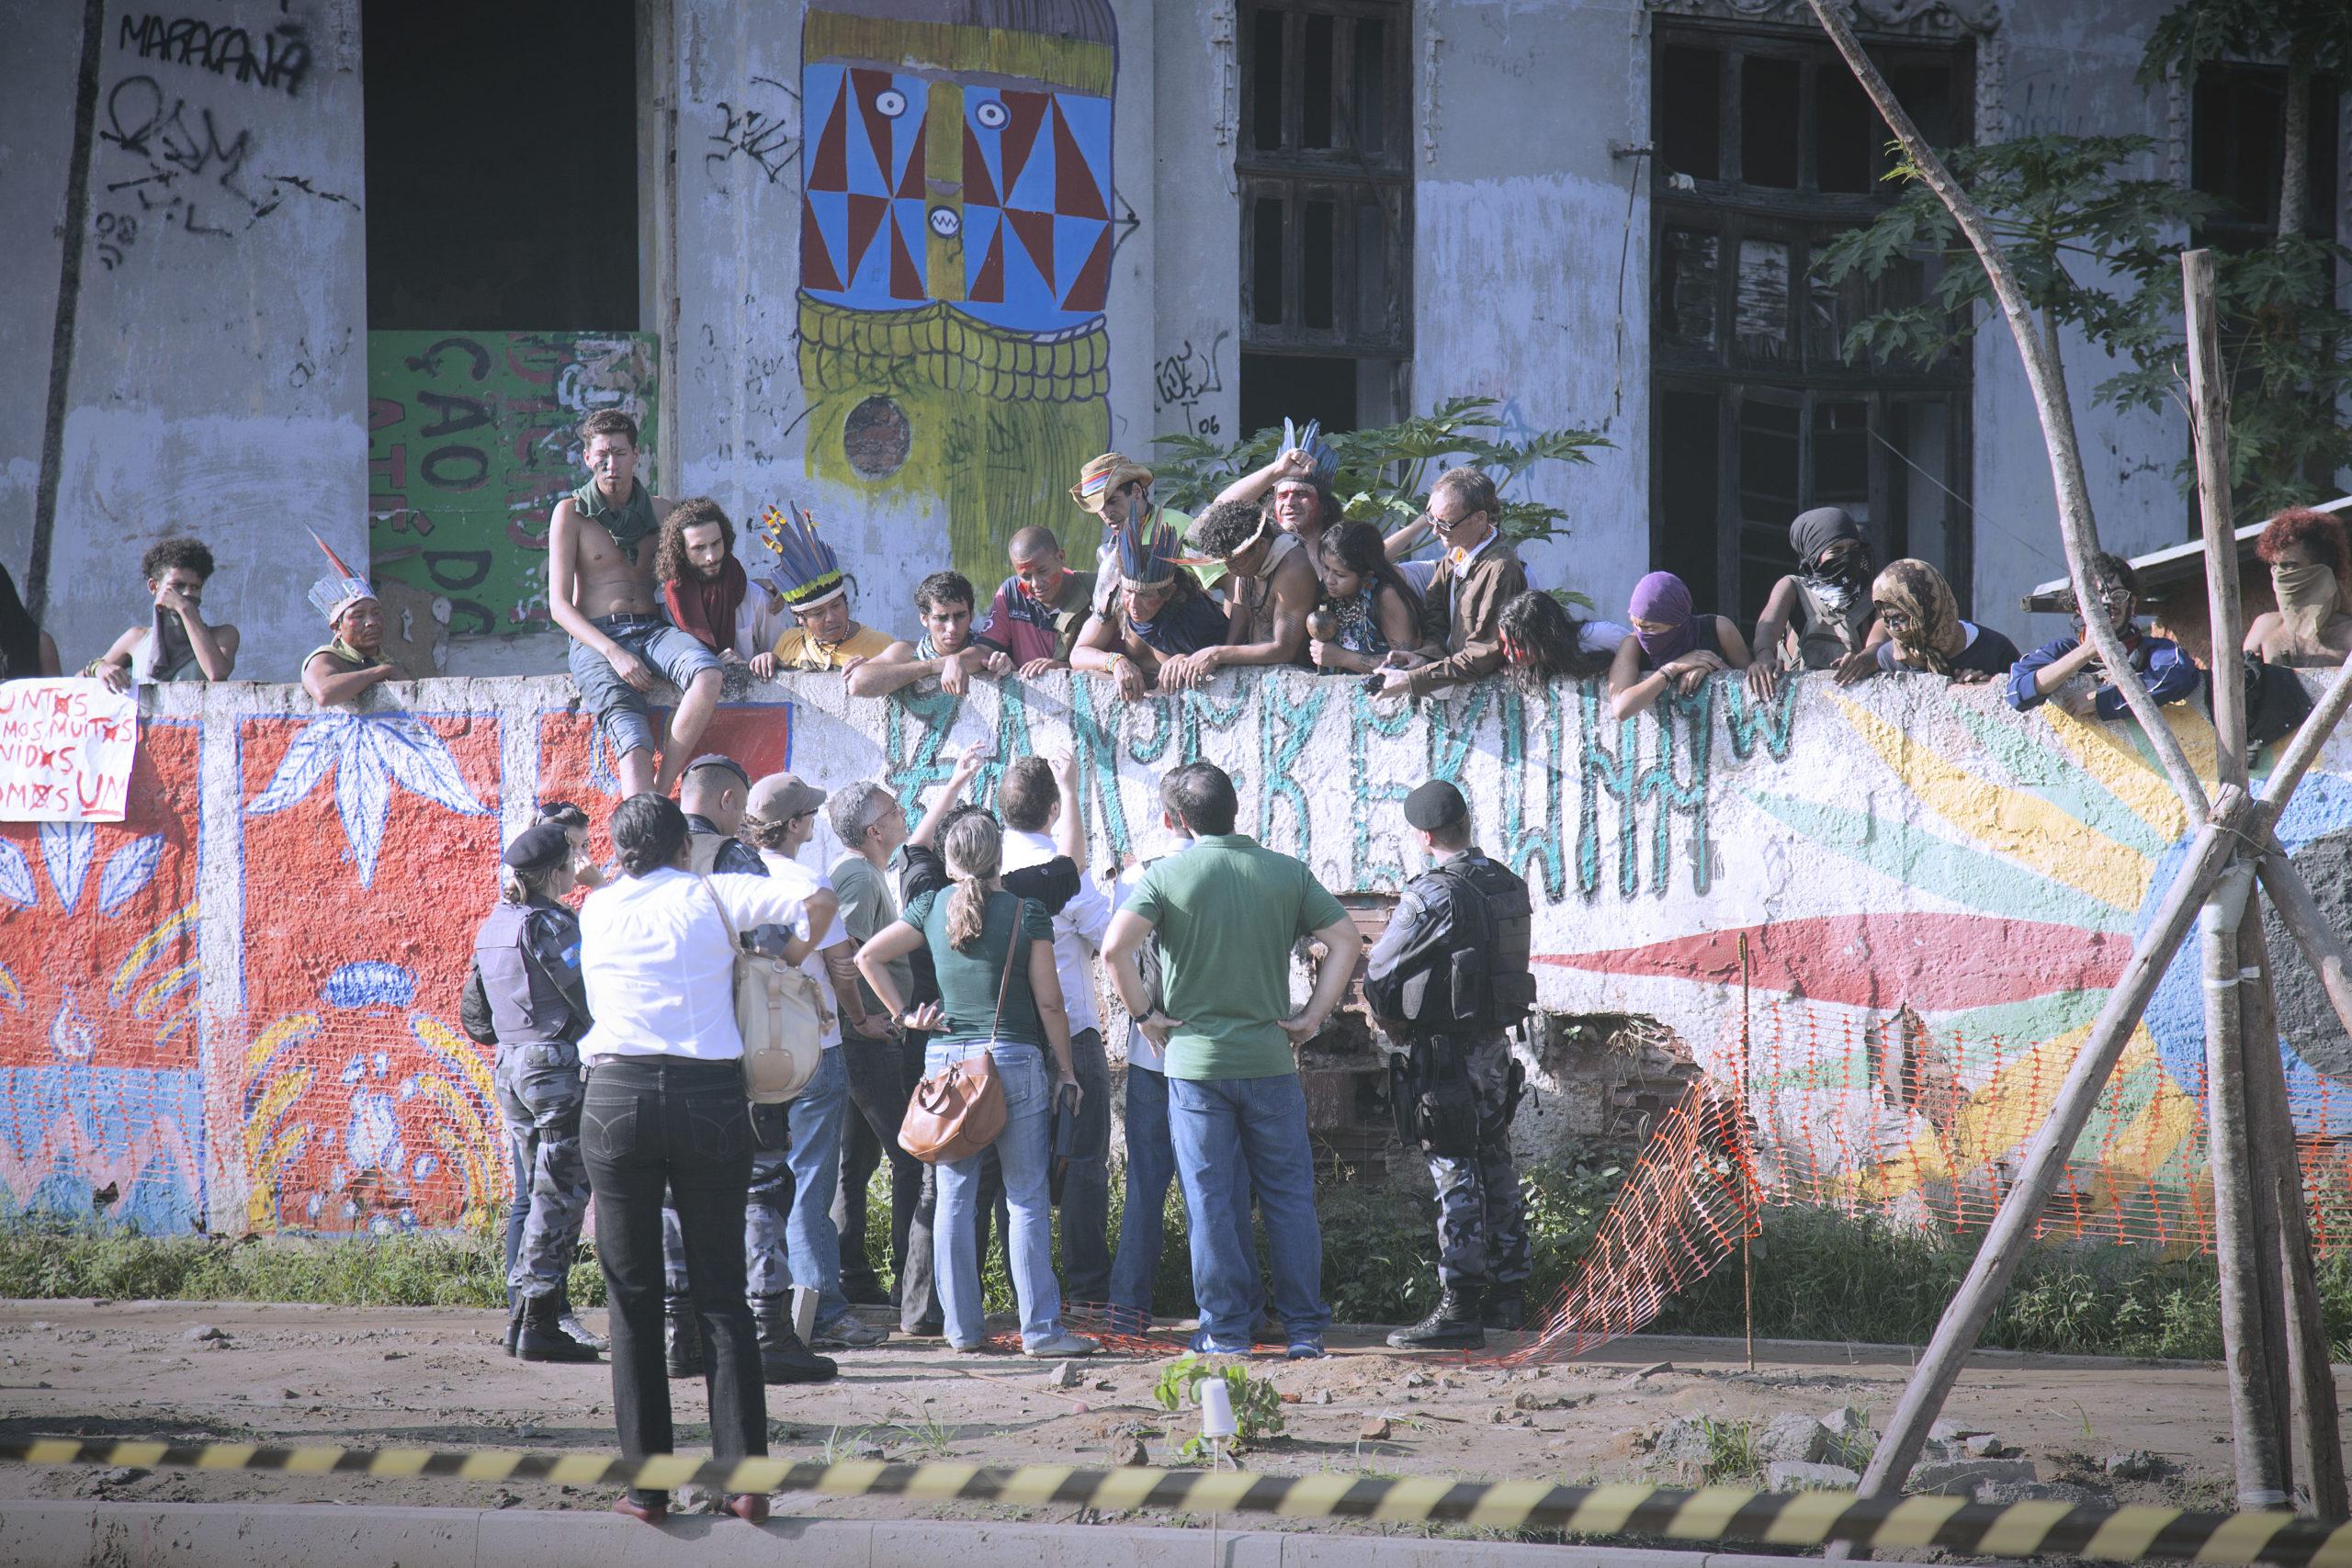 Remoção forçada da Aldeia Maraká'nà - Mar/2013